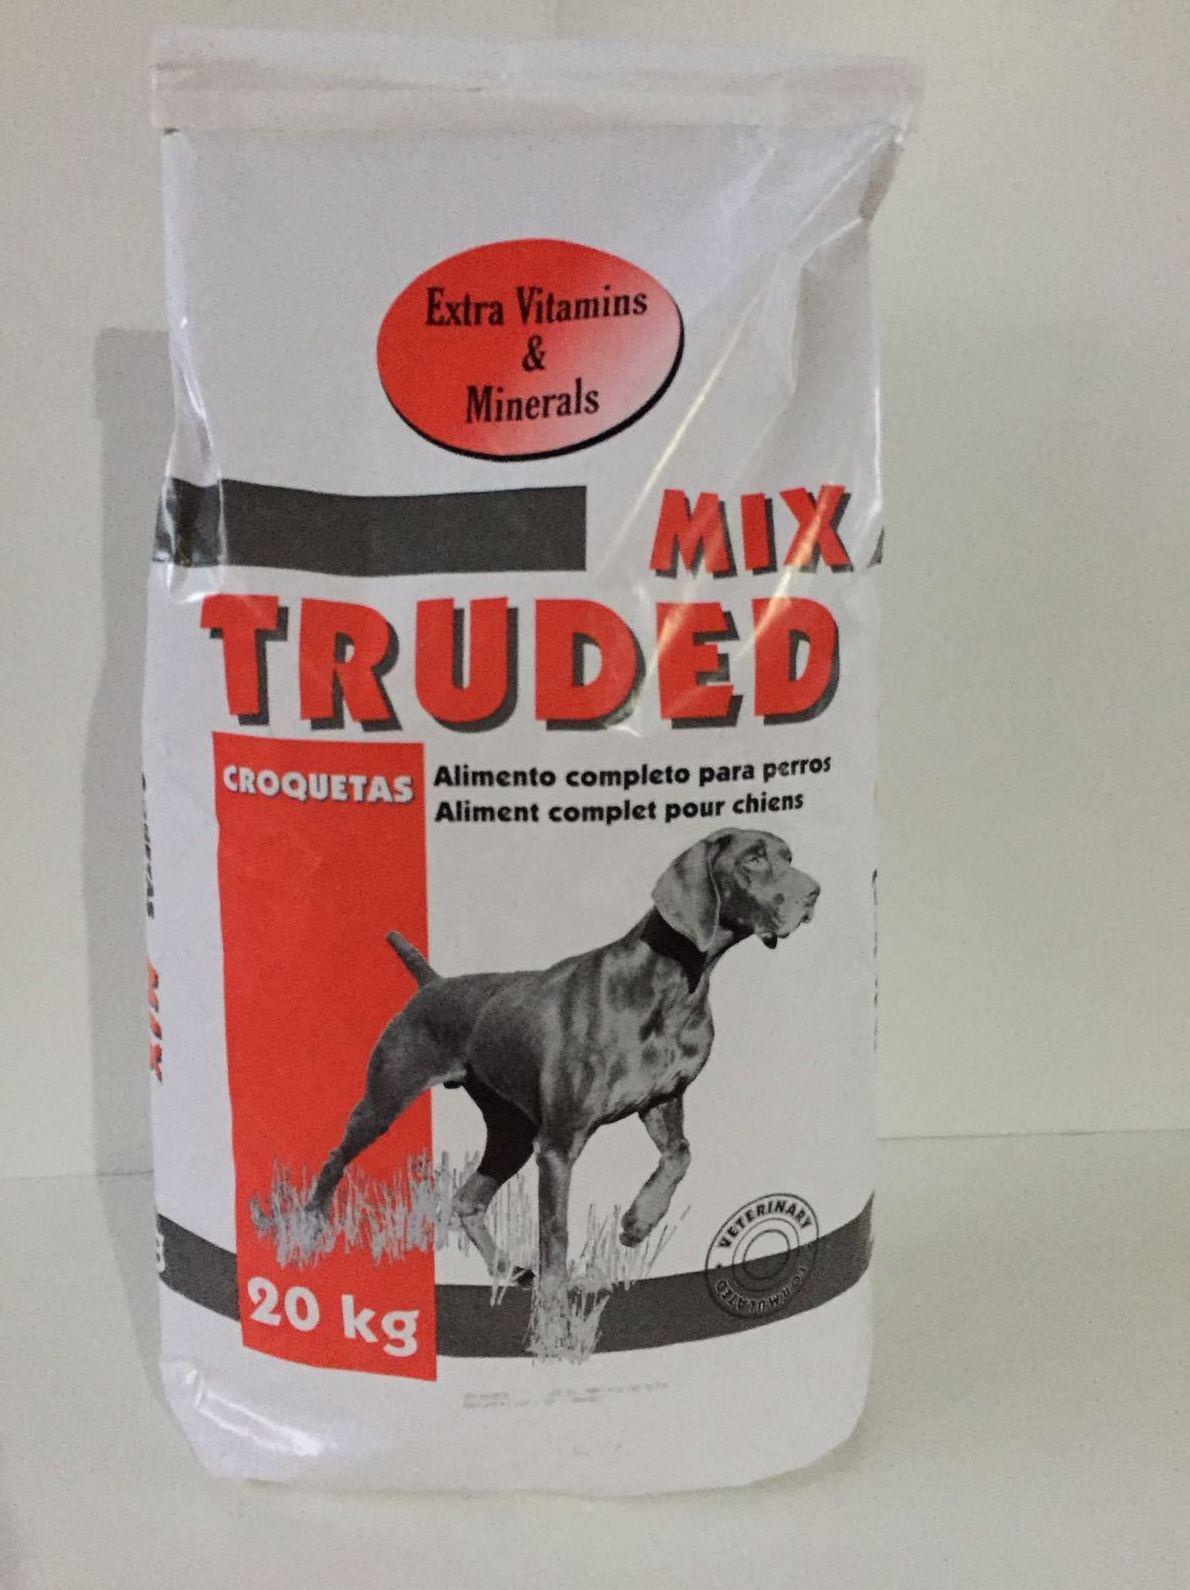 Alimento para perros con vitaminas extra